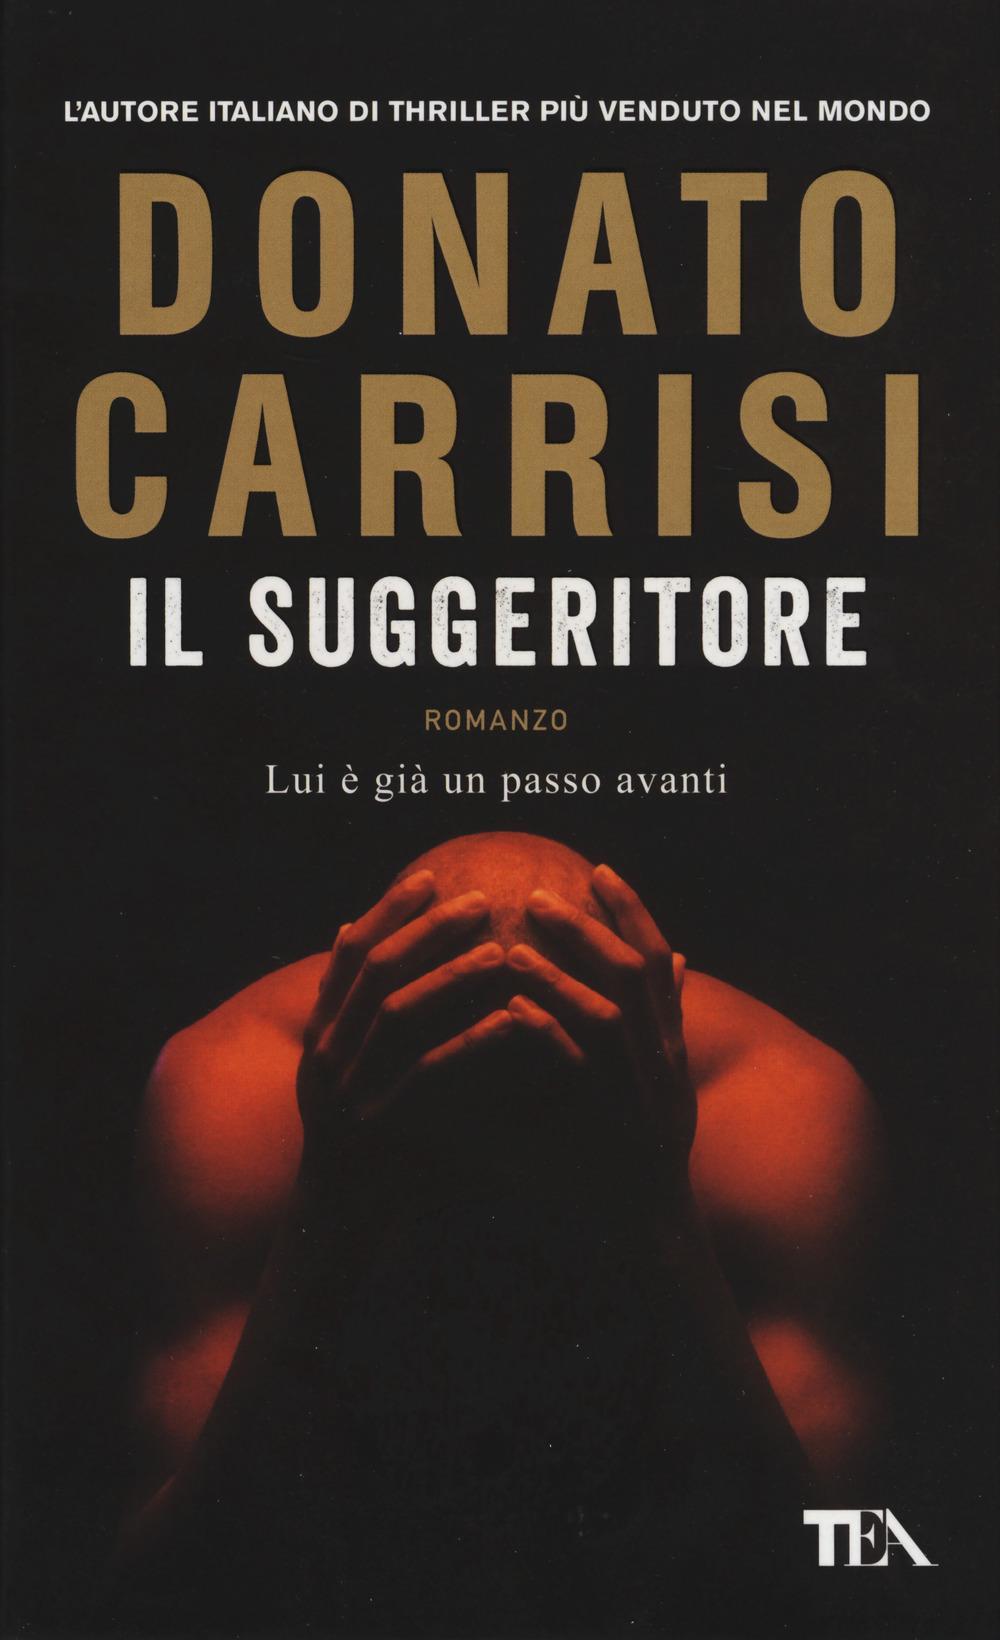 IL SUGGERITORE di D. Carrisi